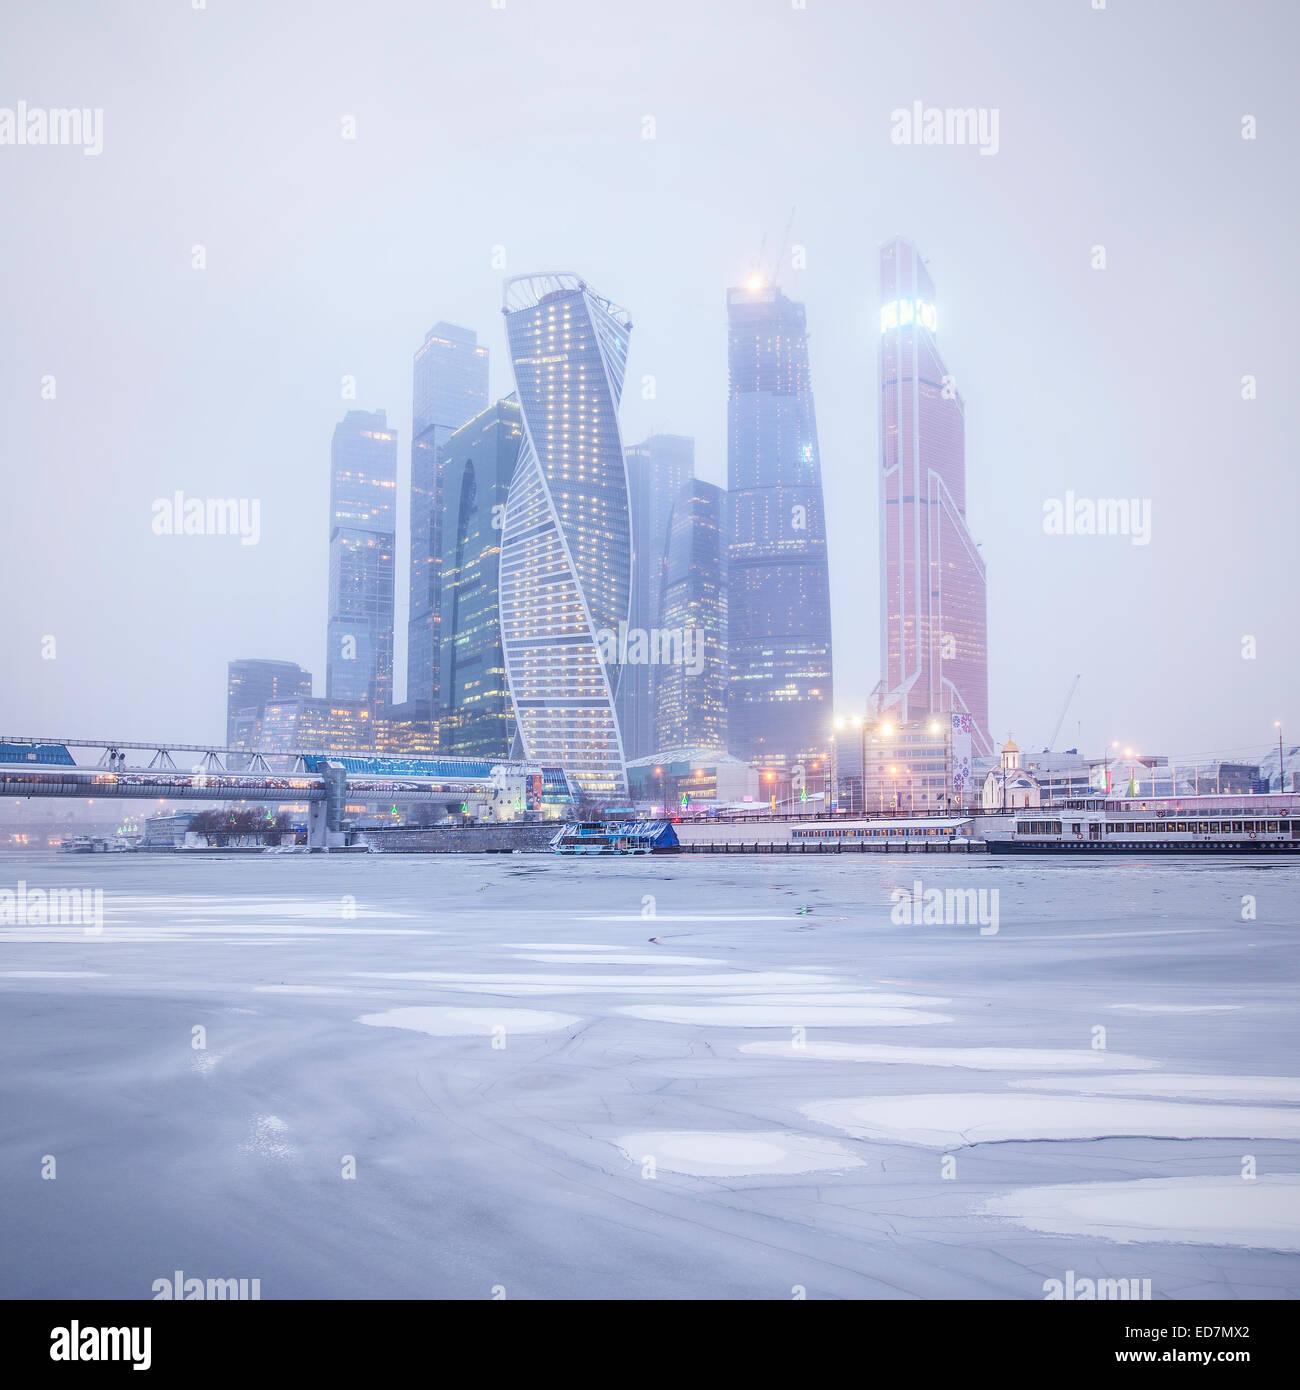 Winter-Ansicht des Business-Centers unter der Schneefall und Nebel. Moskau. Russland. Stockbild